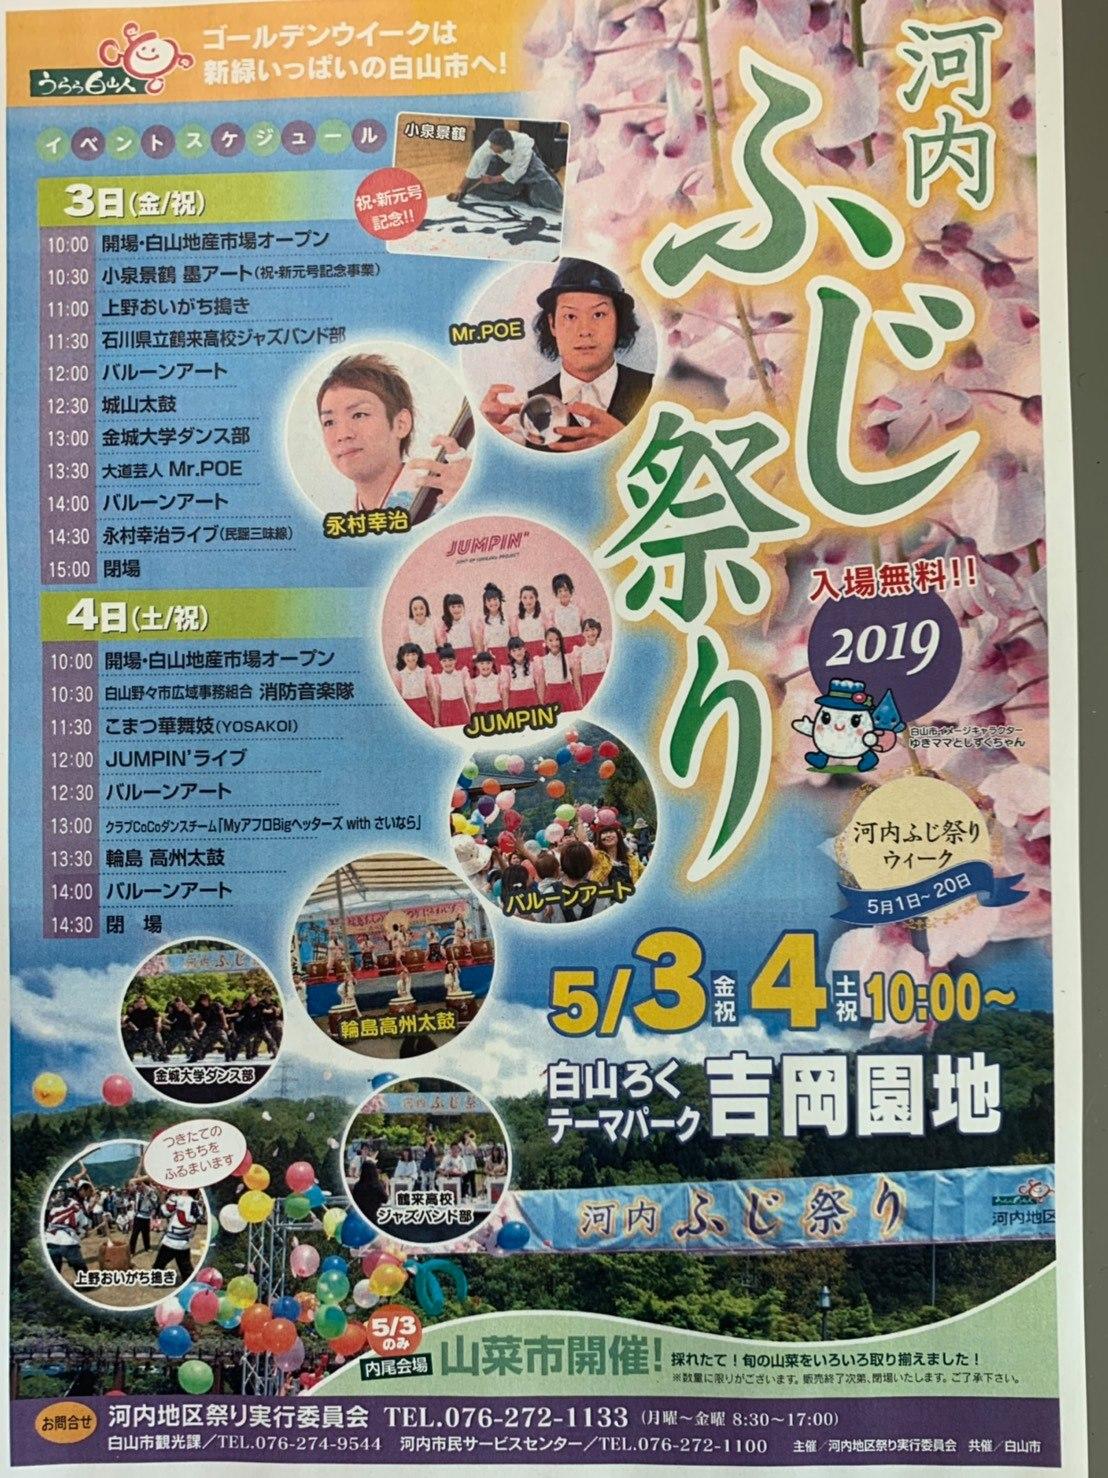 2019年度河内ふじ祭り